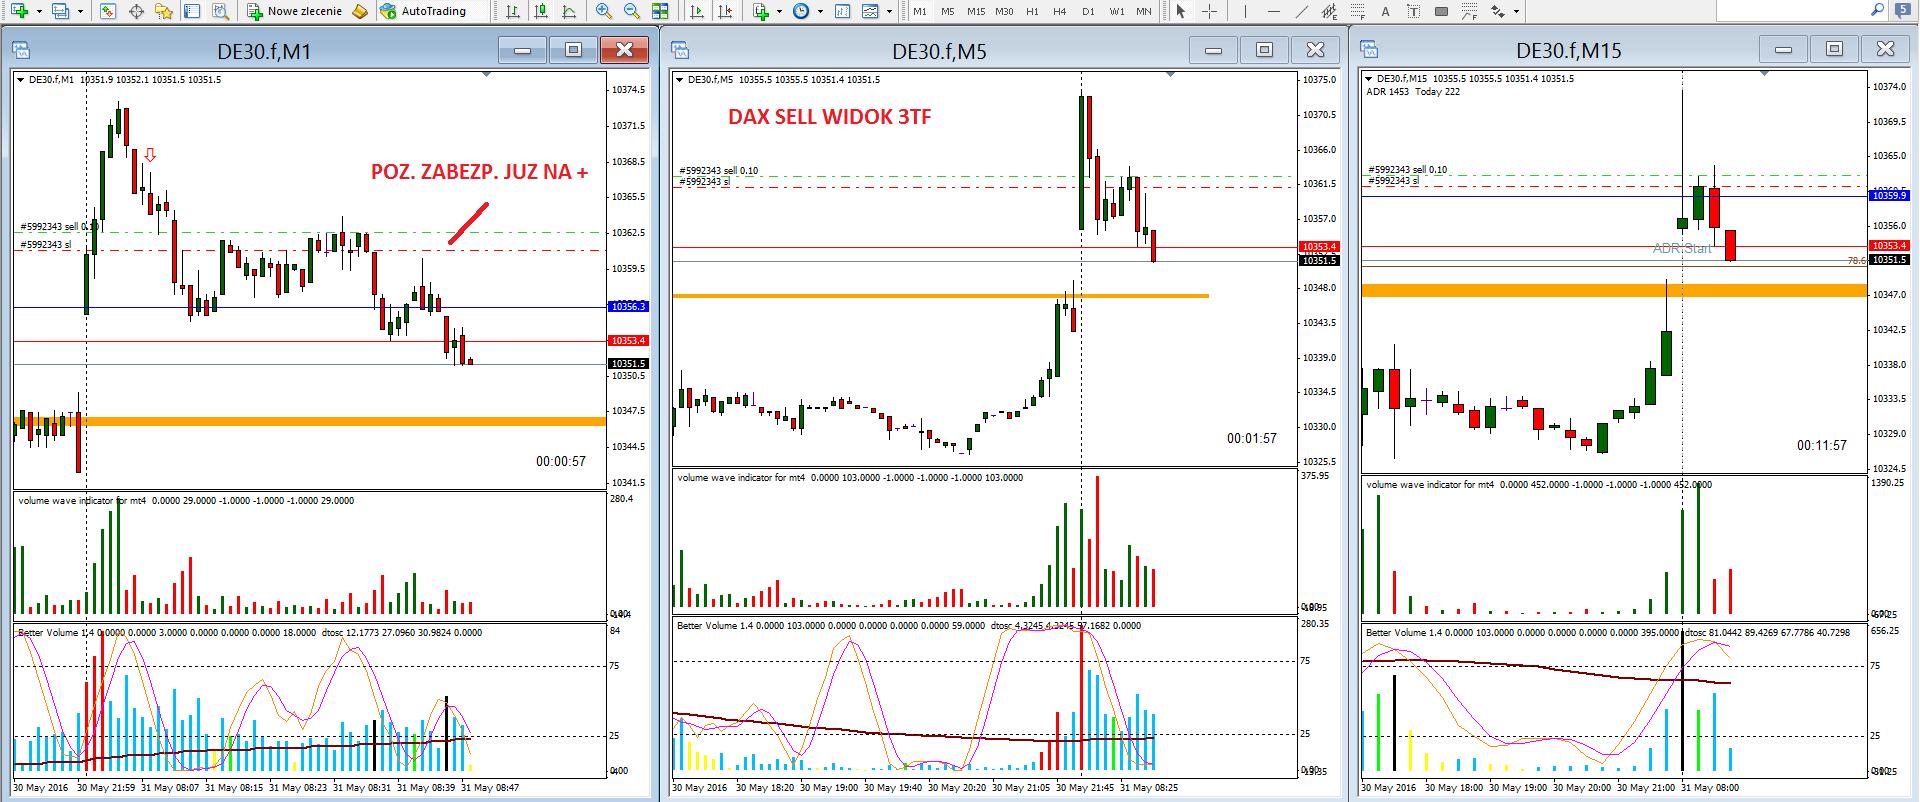 6-renko-scalping na renko-forex-skuteczna strategia-myforex-trader-trading-waluty-dax-prosta strategia tradingowa-broker-sukces-wolumen-vsa-świece japońskie-trading